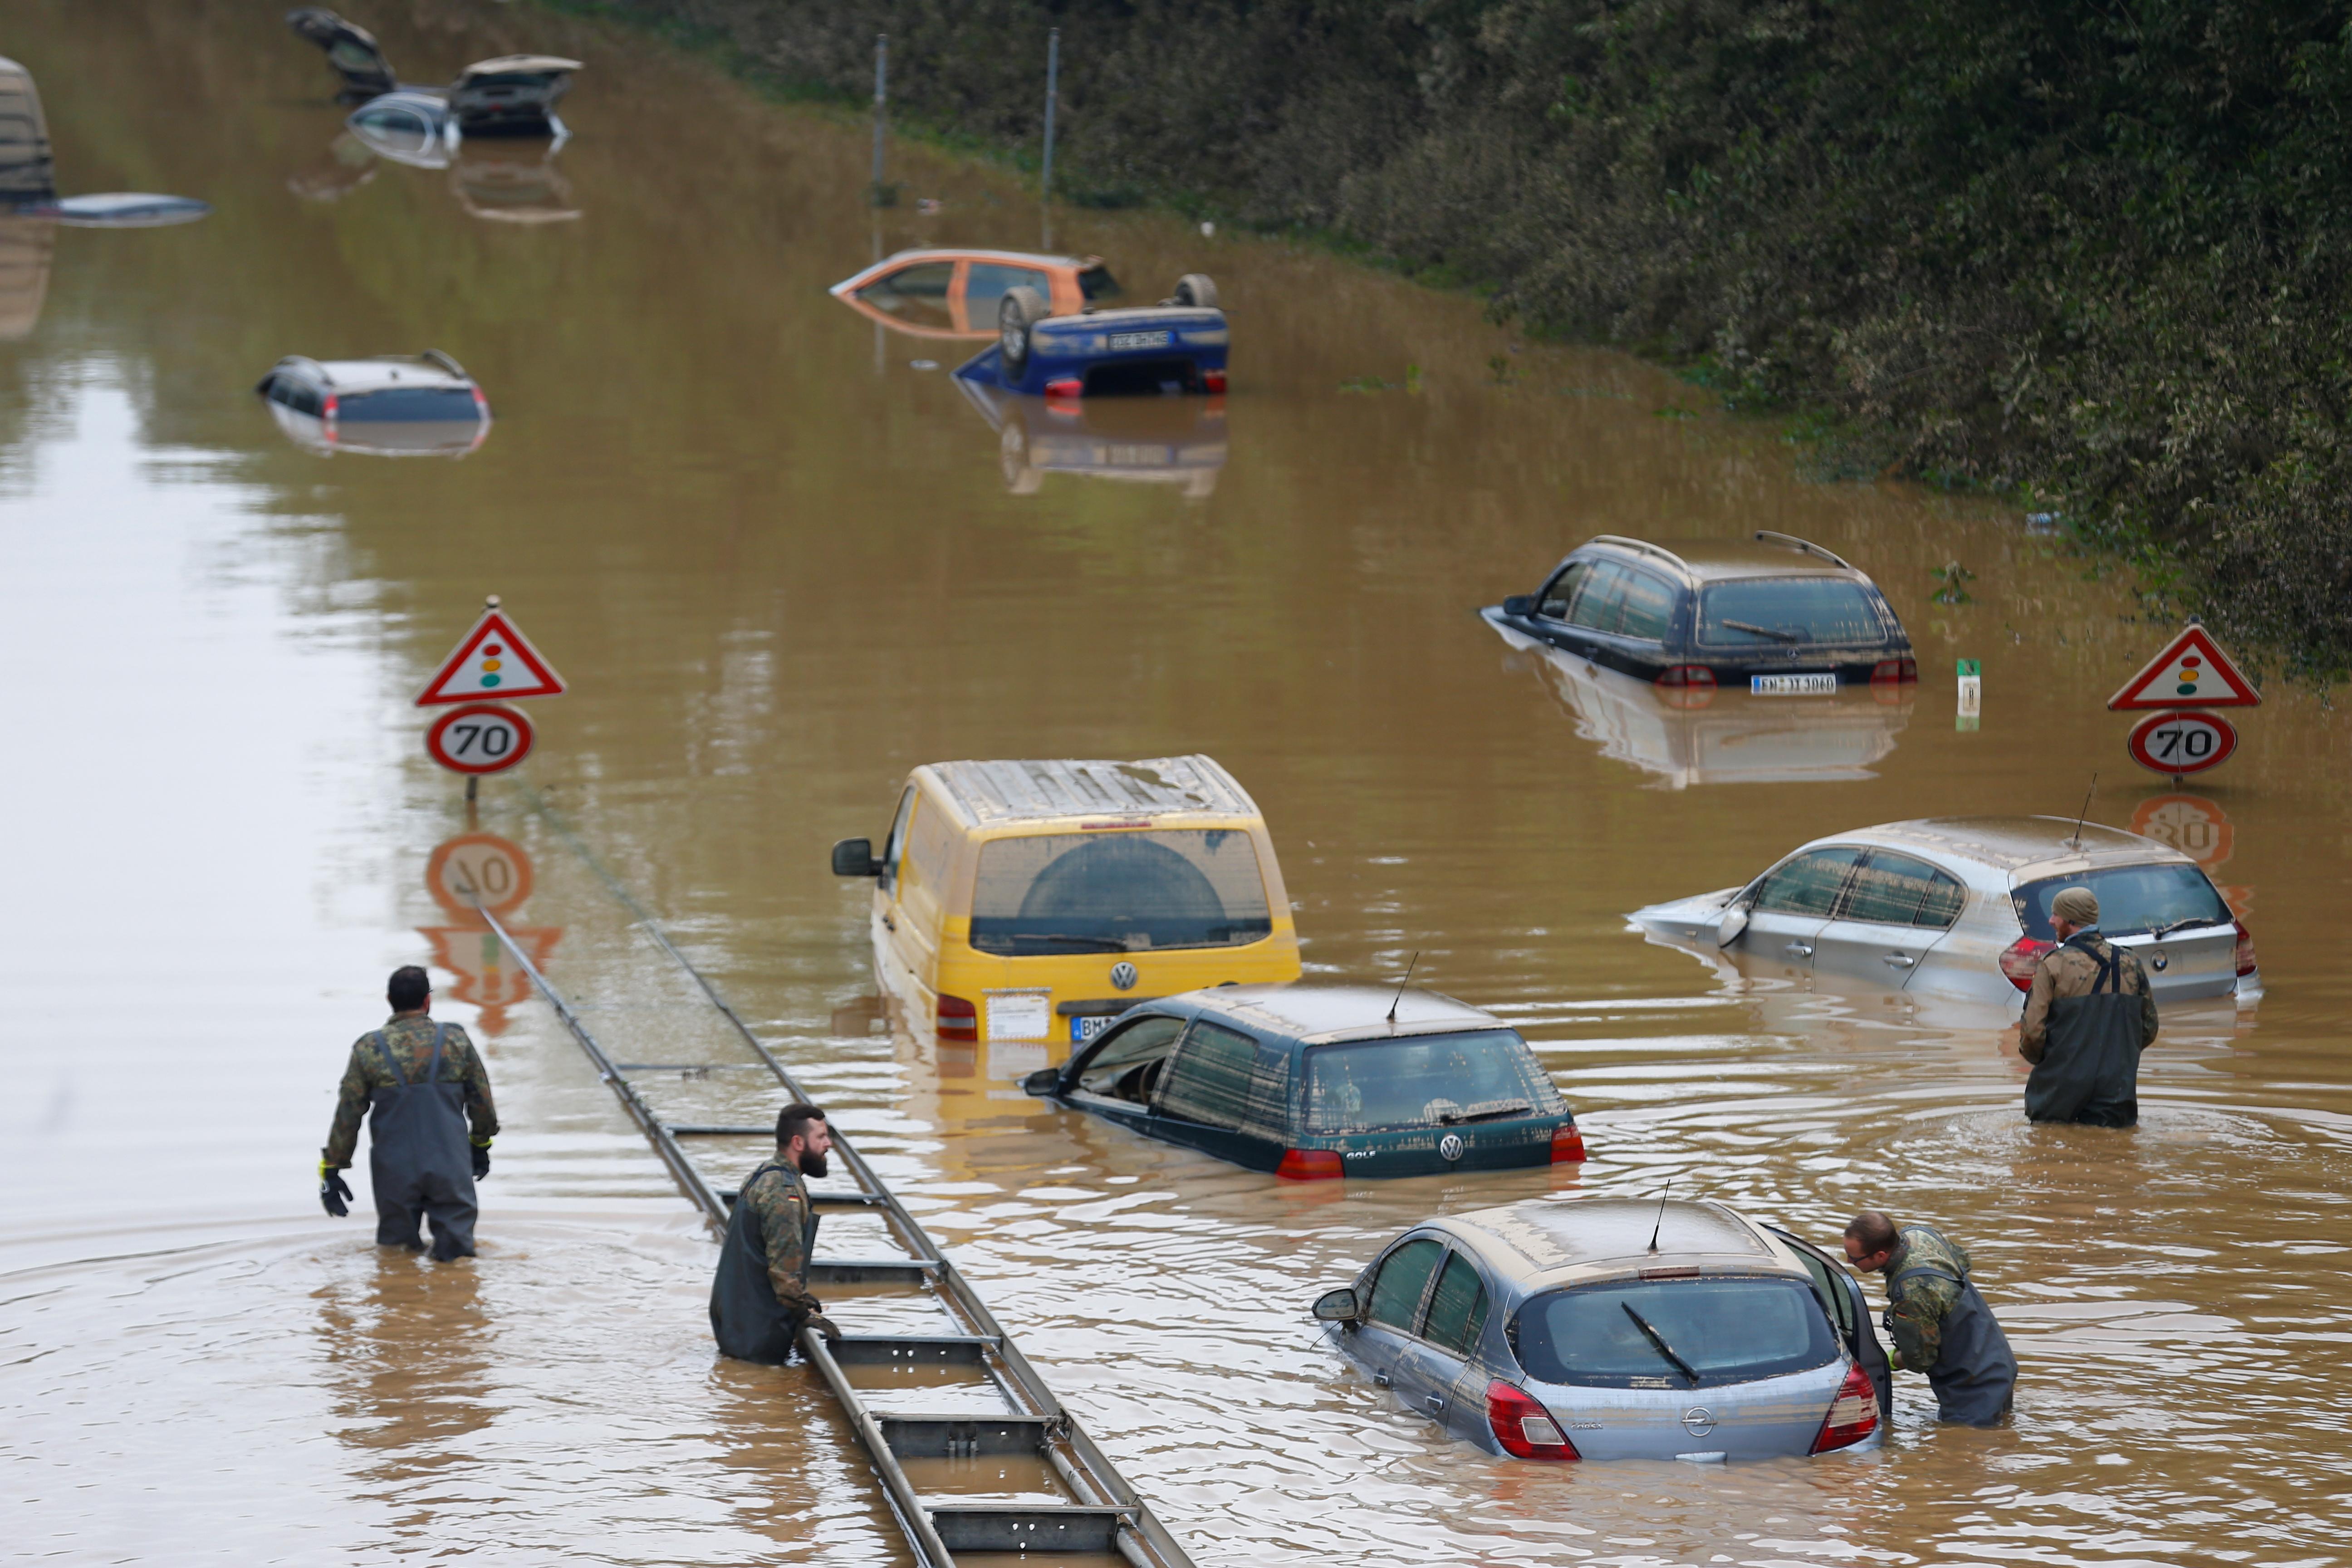 Membros das forças do Bundeswehr, cercados por carros parcialmente submersos, atravessam as águas da enchente após fortes chuvas em Erftstadt-Blessem, Alemanha, 17 de julho de 2021. REUTERS / Thilo Schmuelgen